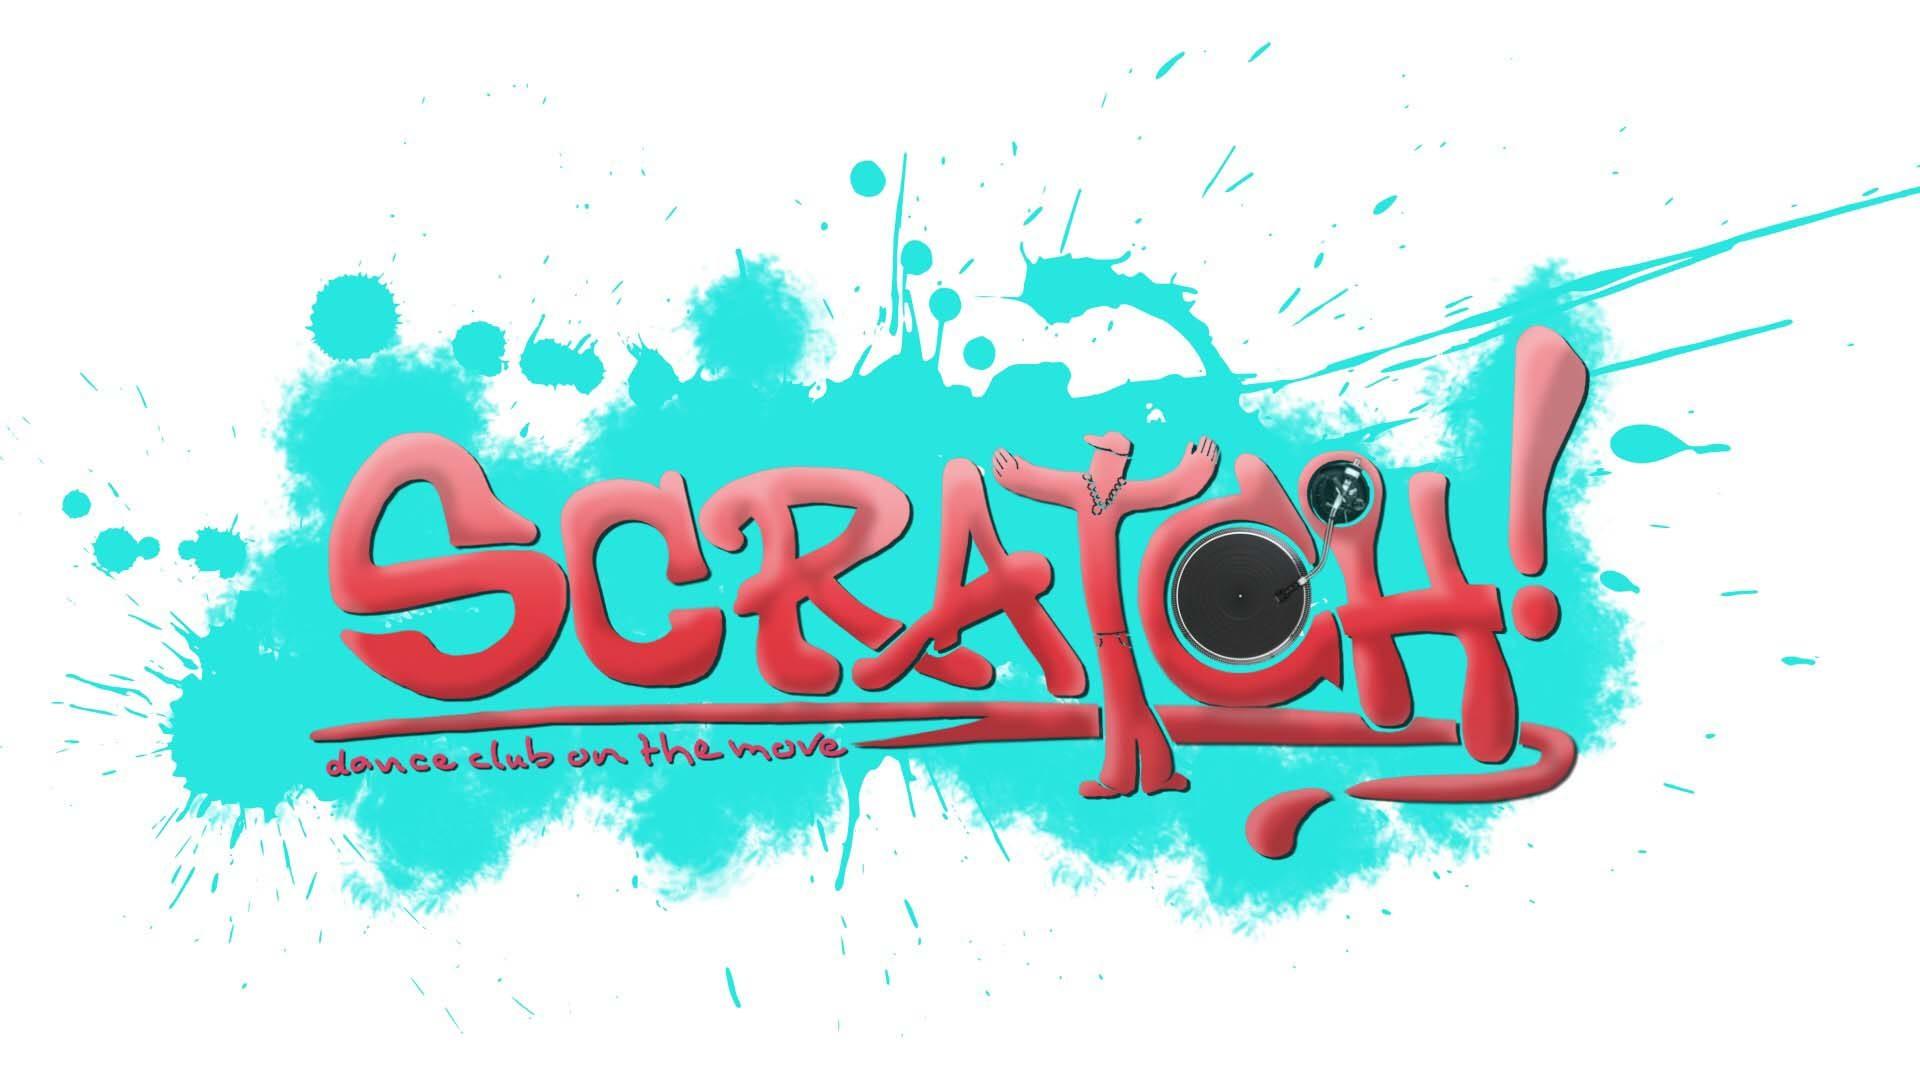 Dansclub Scratch